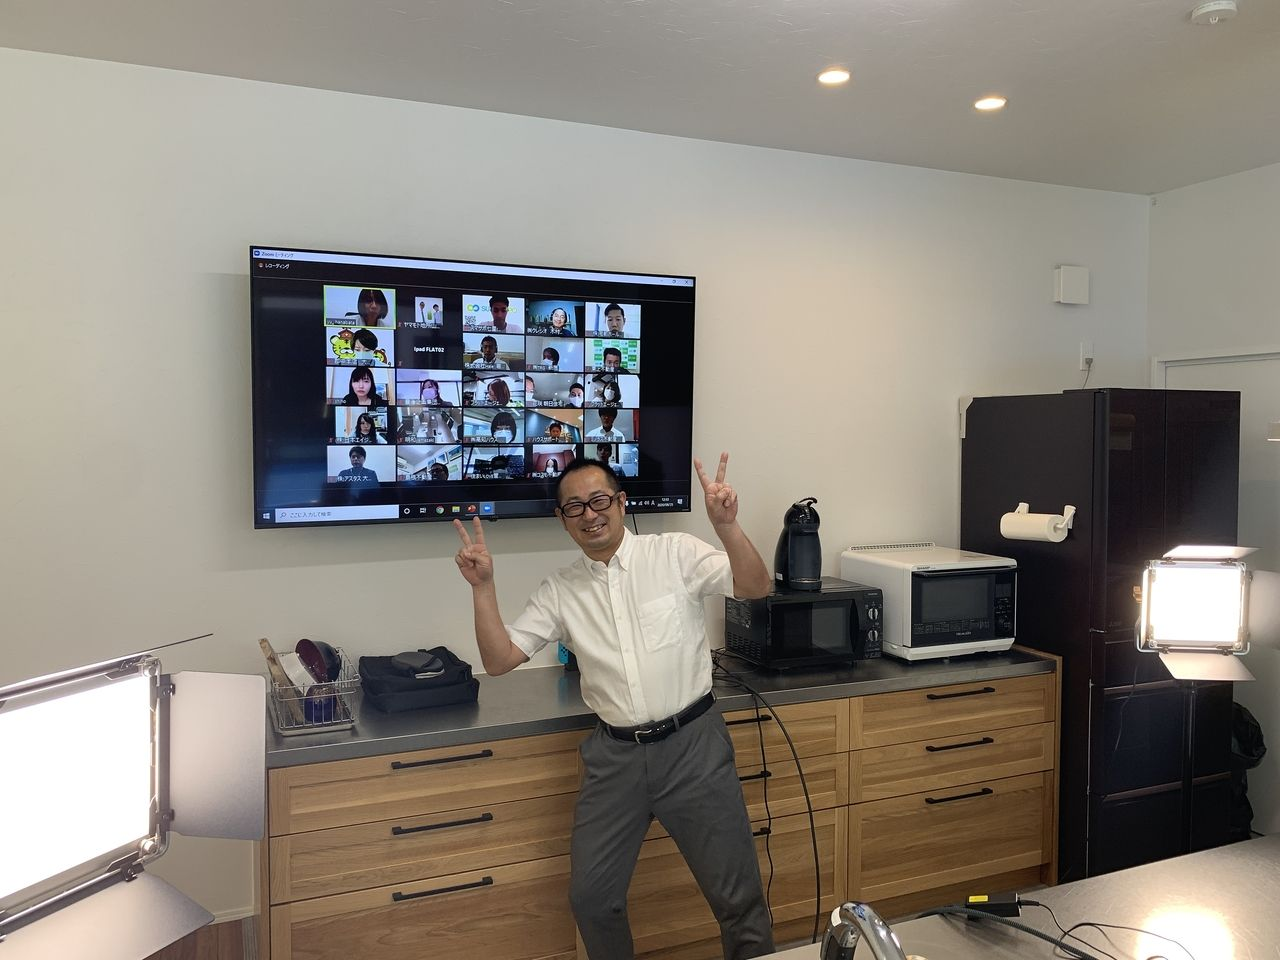 Zoomオンラインセミナーをテレビに映した様子